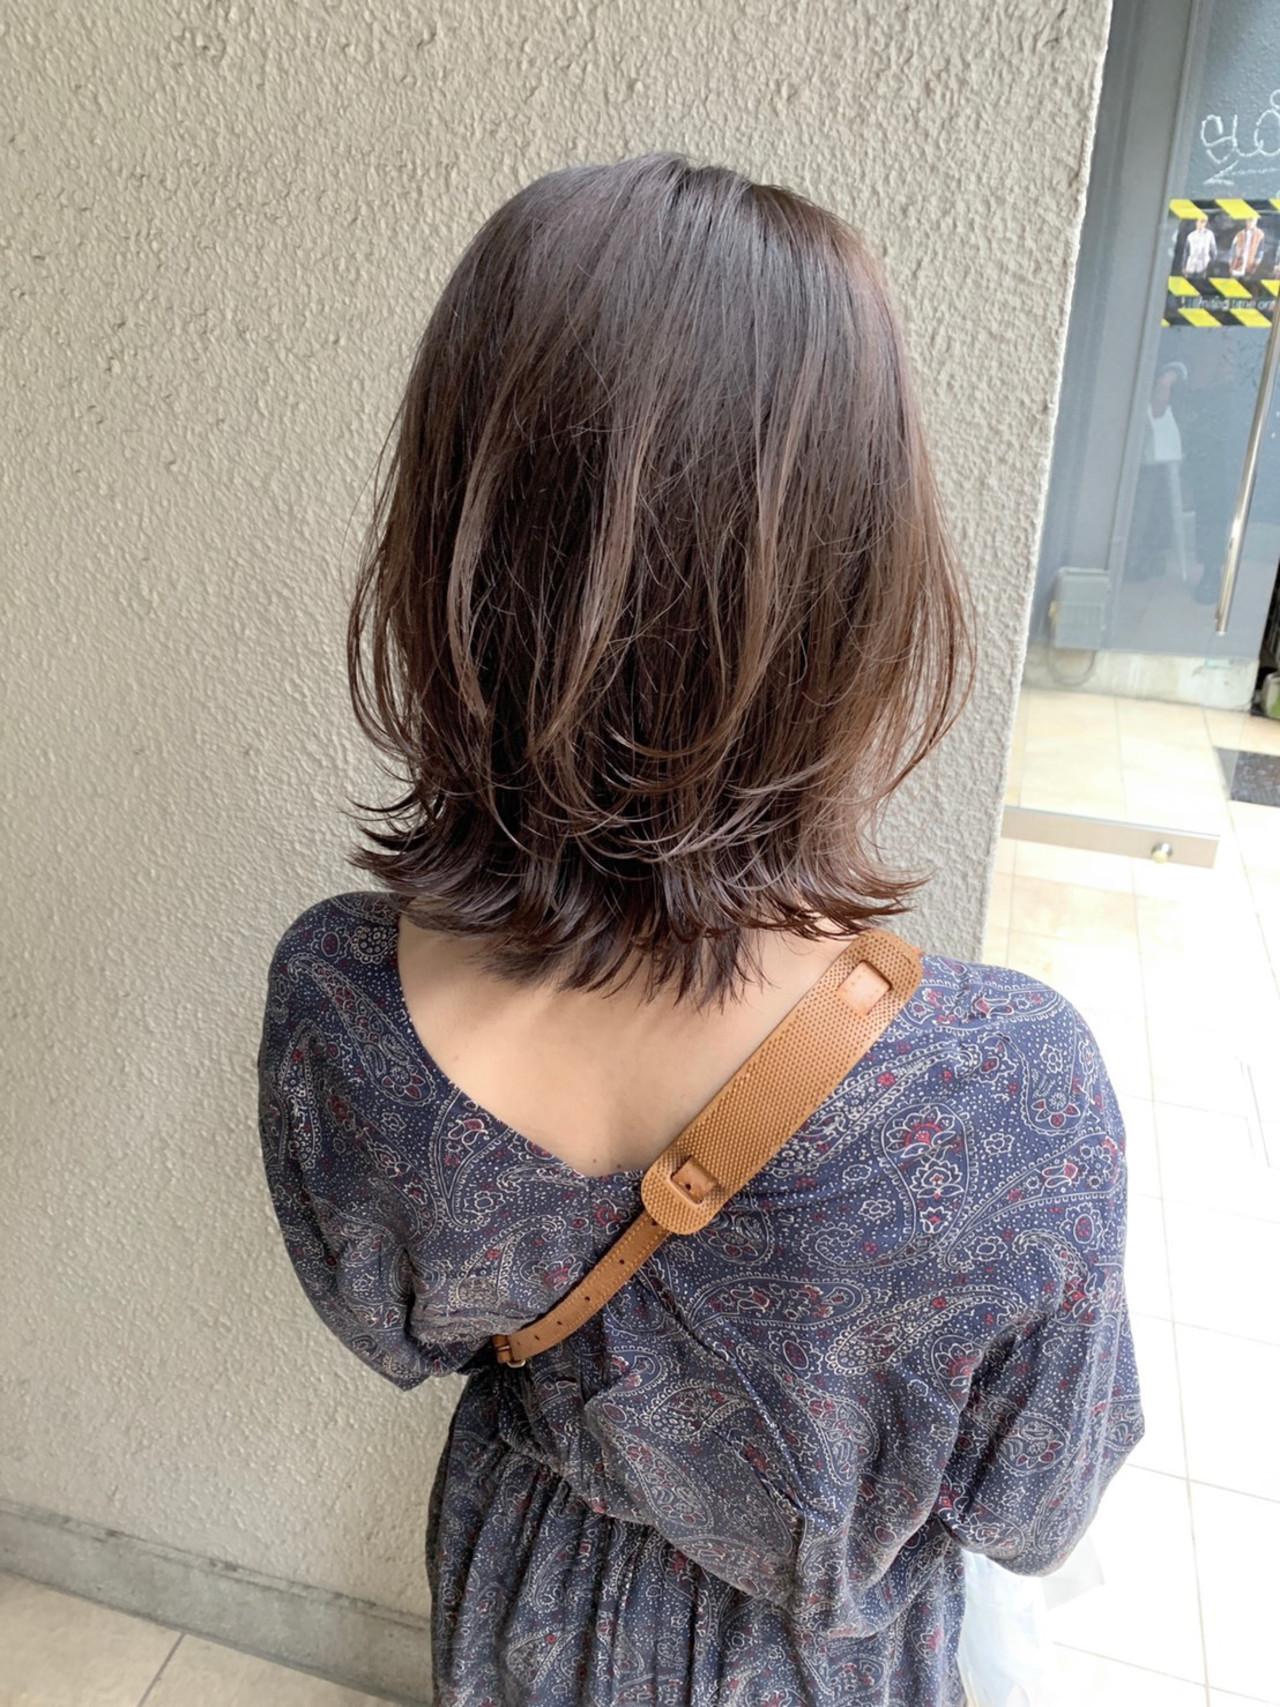 ウルフカット グレージュ セミロング アッシュブラウン ヘアスタイルや髪型の写真・画像